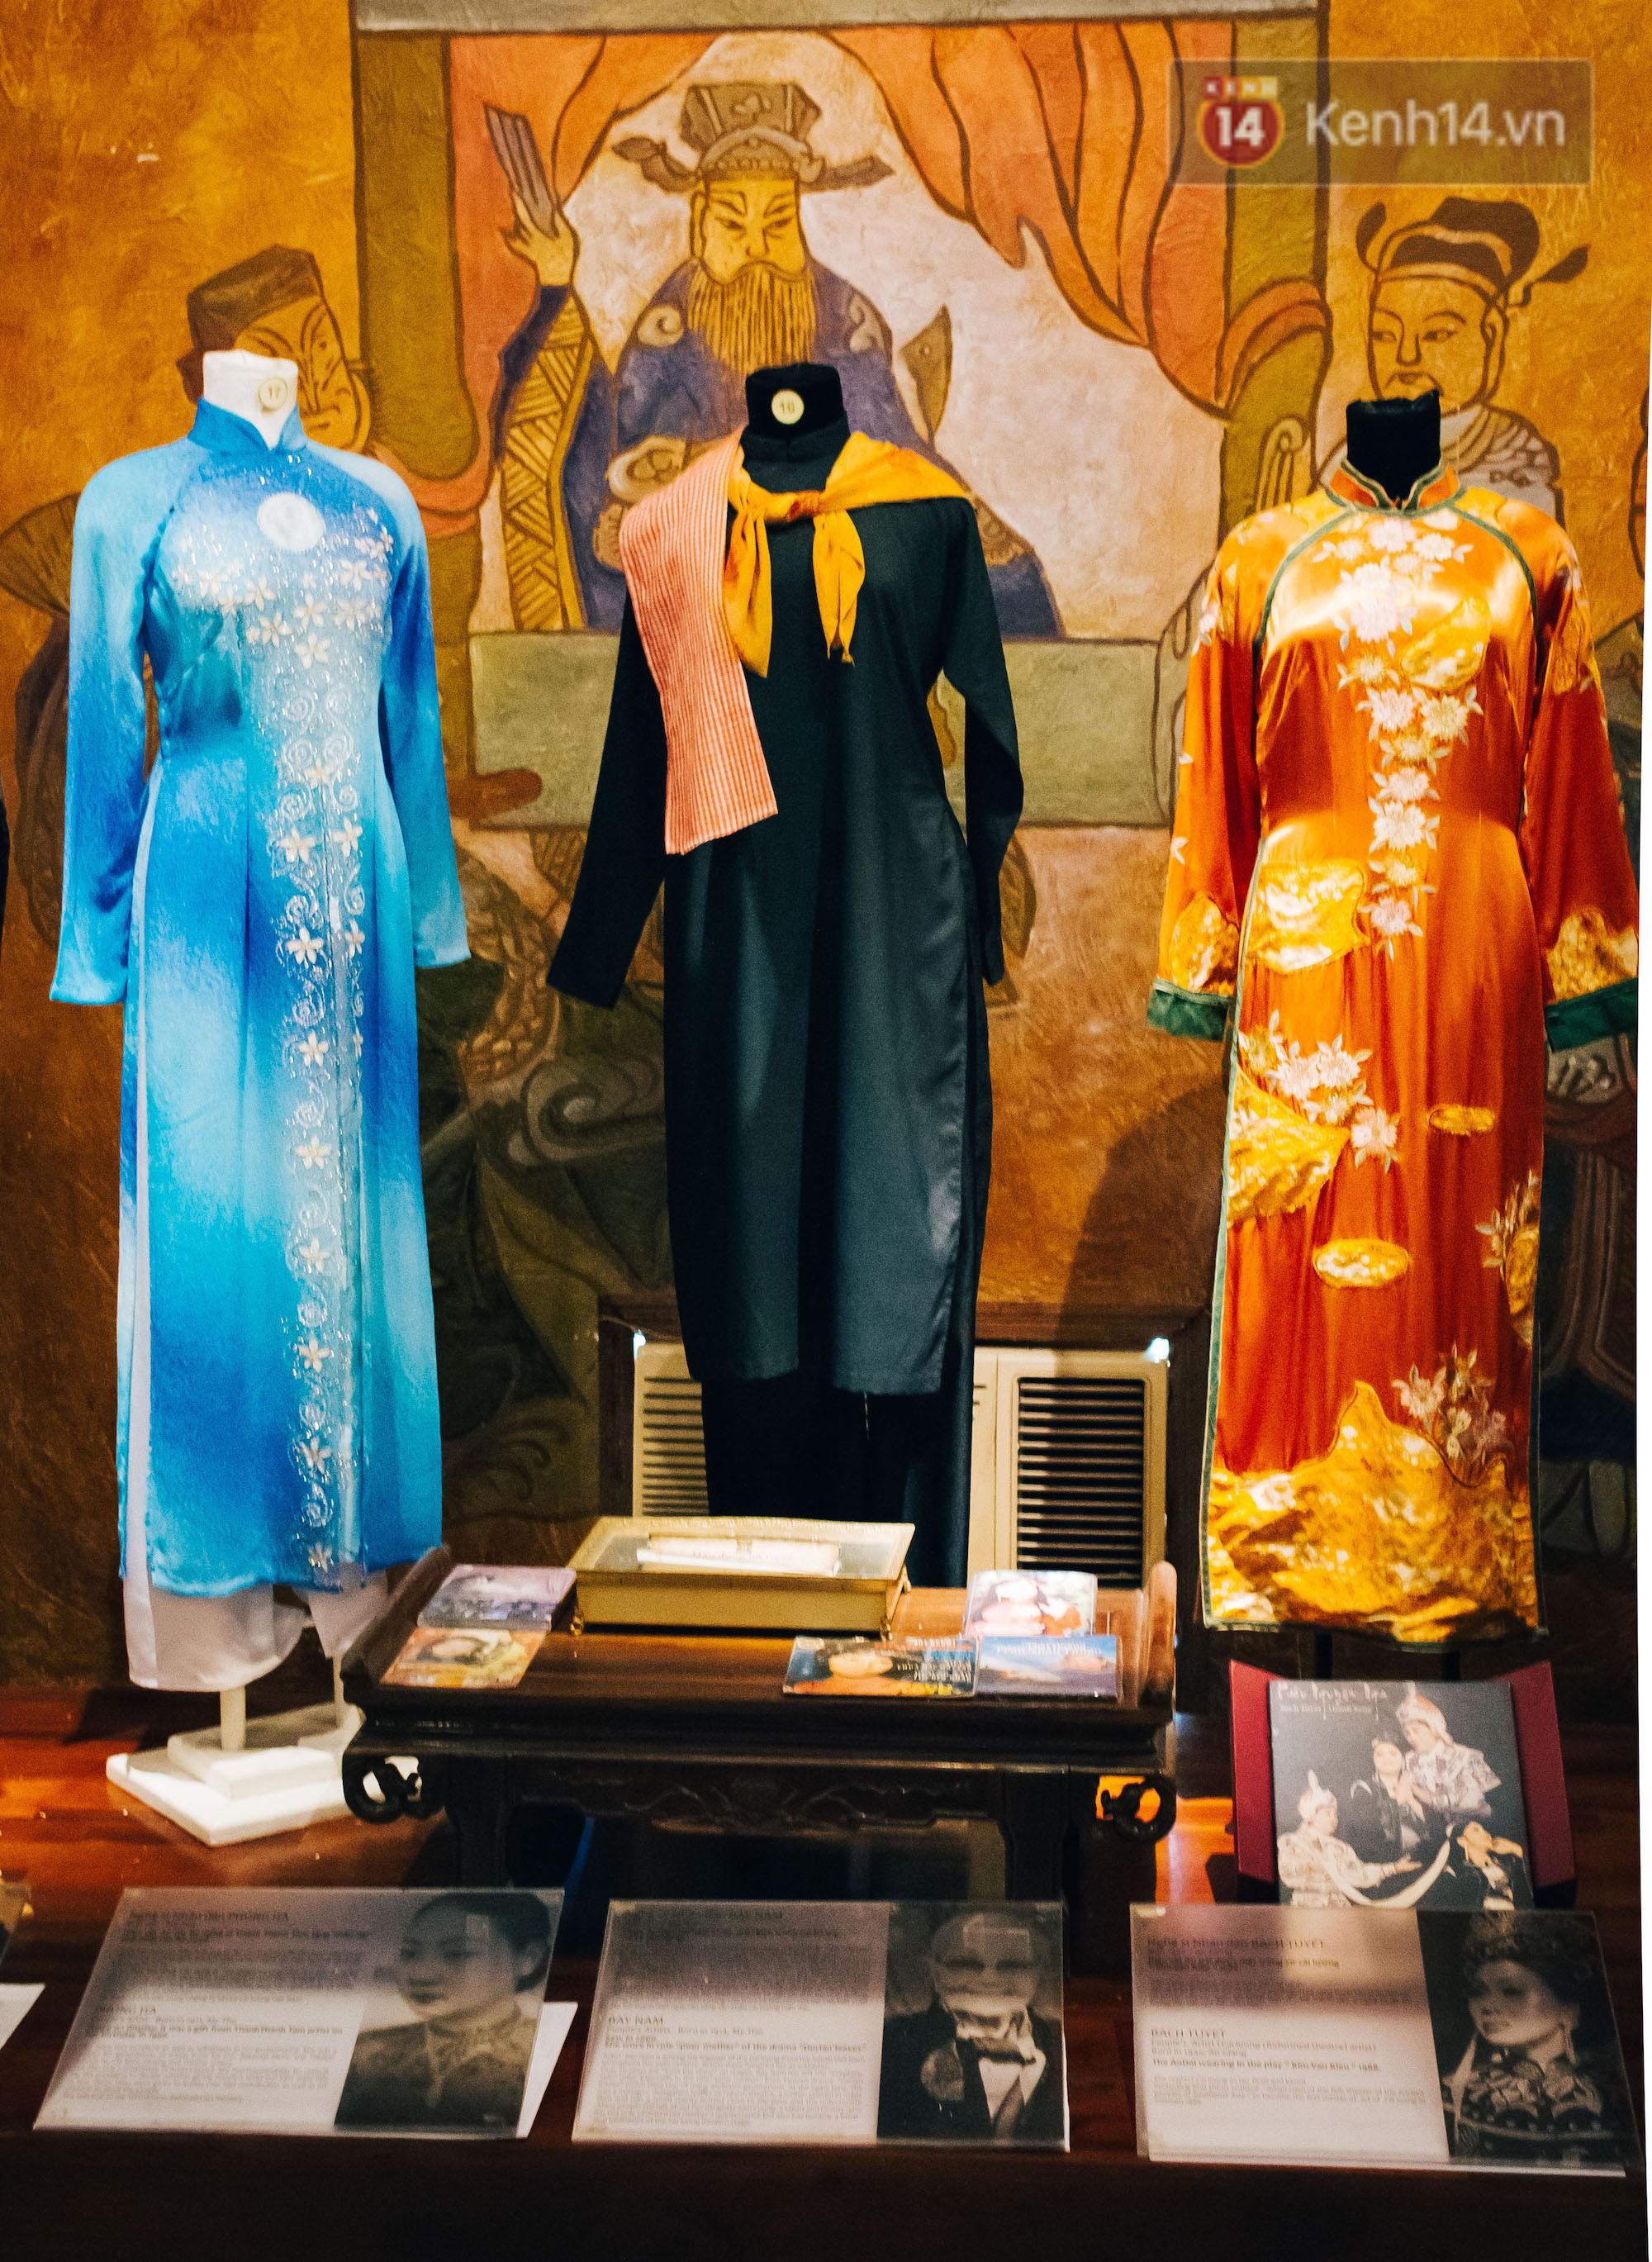 Ở Sài Gòn có một bảo tàng đẹp như tranh chỉ dành riêng để tôn vinh áo dài - Ảnh 6.